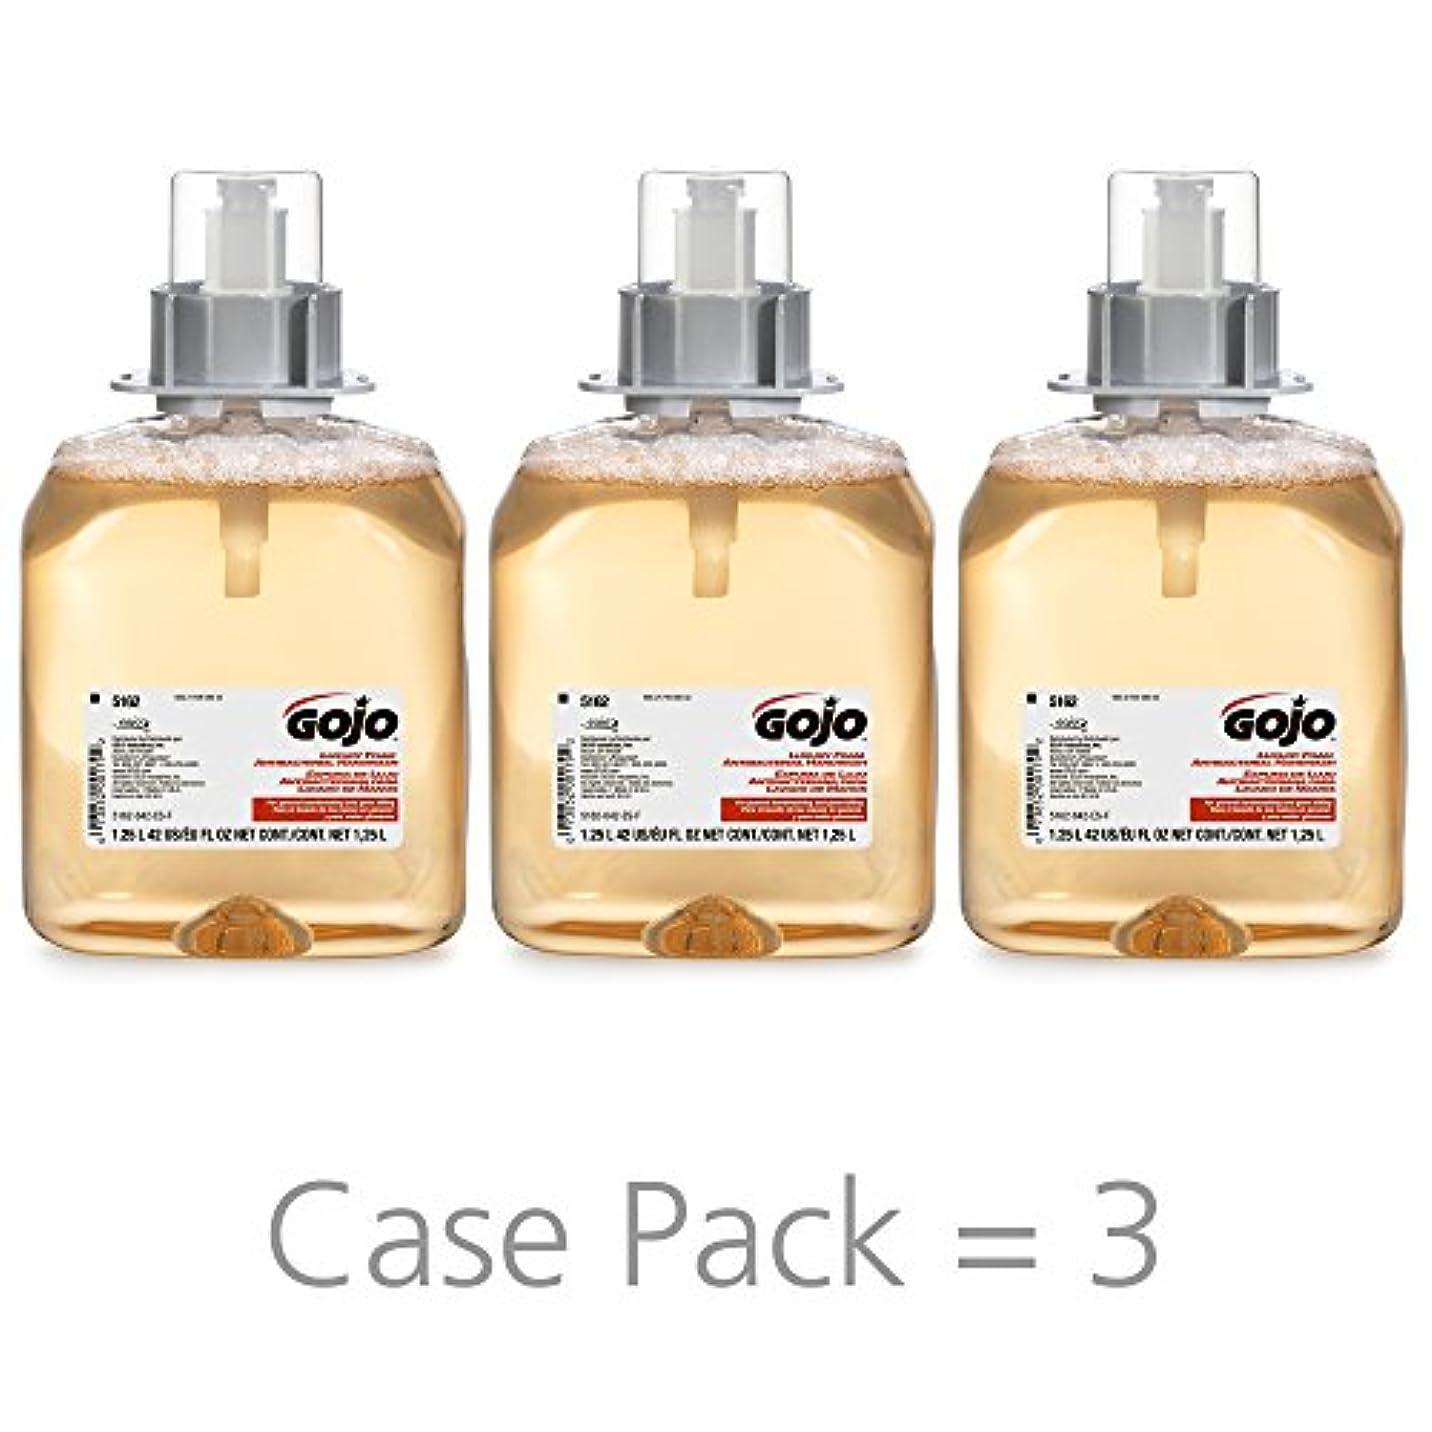 スナック事装置GOJO 516203CT FMX-12 Foam Hand Wash, Fresh Fruit, FMX-12 Dispenser, 1250mL Pump, 3/Carton by Gojo